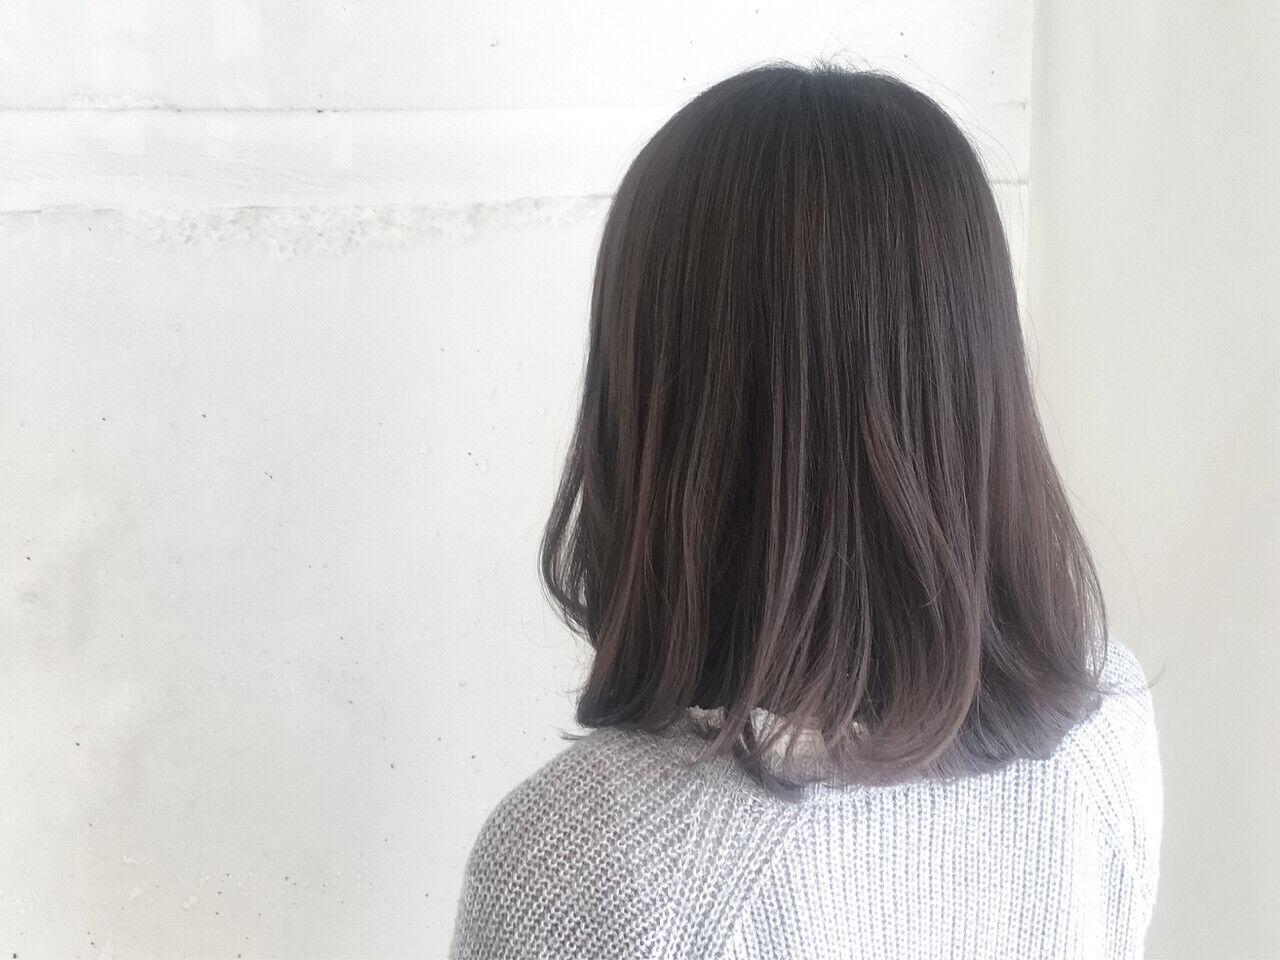 ミディアム ナチュラル 暗髪 冬ヘアスタイルや髪型の写真・画像